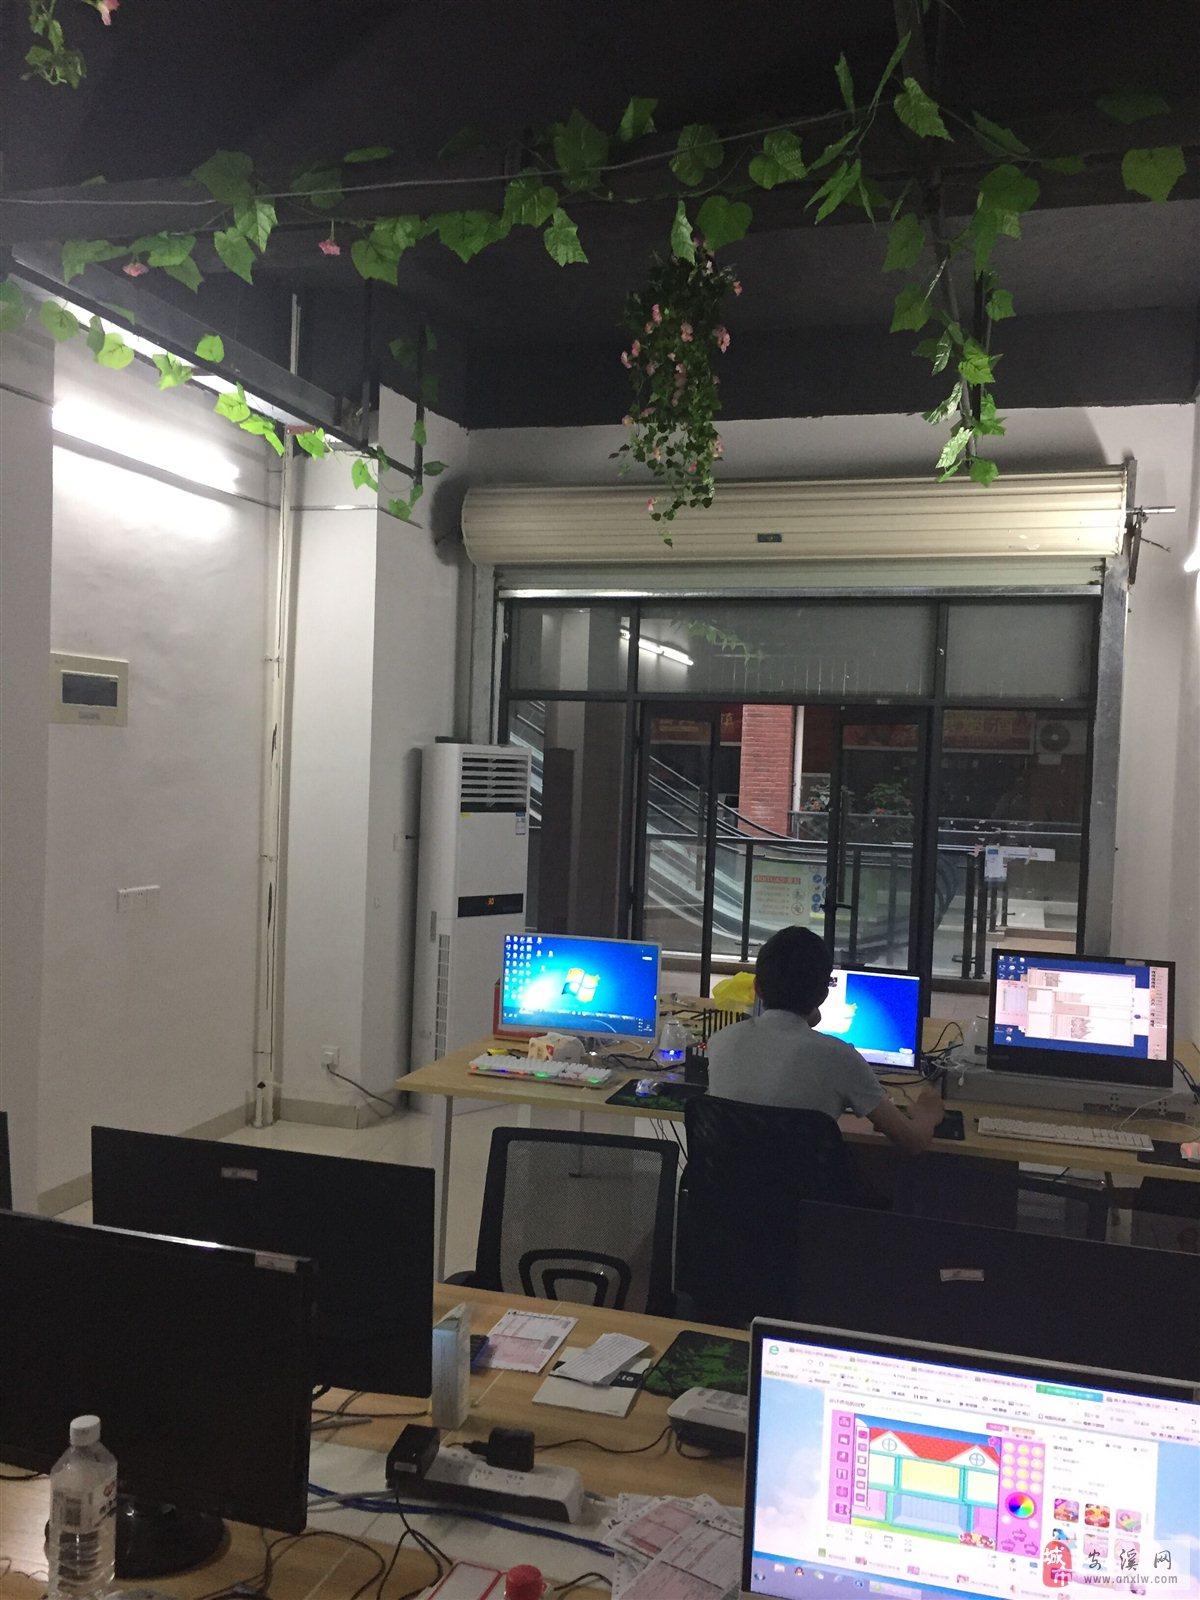 宝龙澳门街微商工作室必备1厅1卫1000元/月